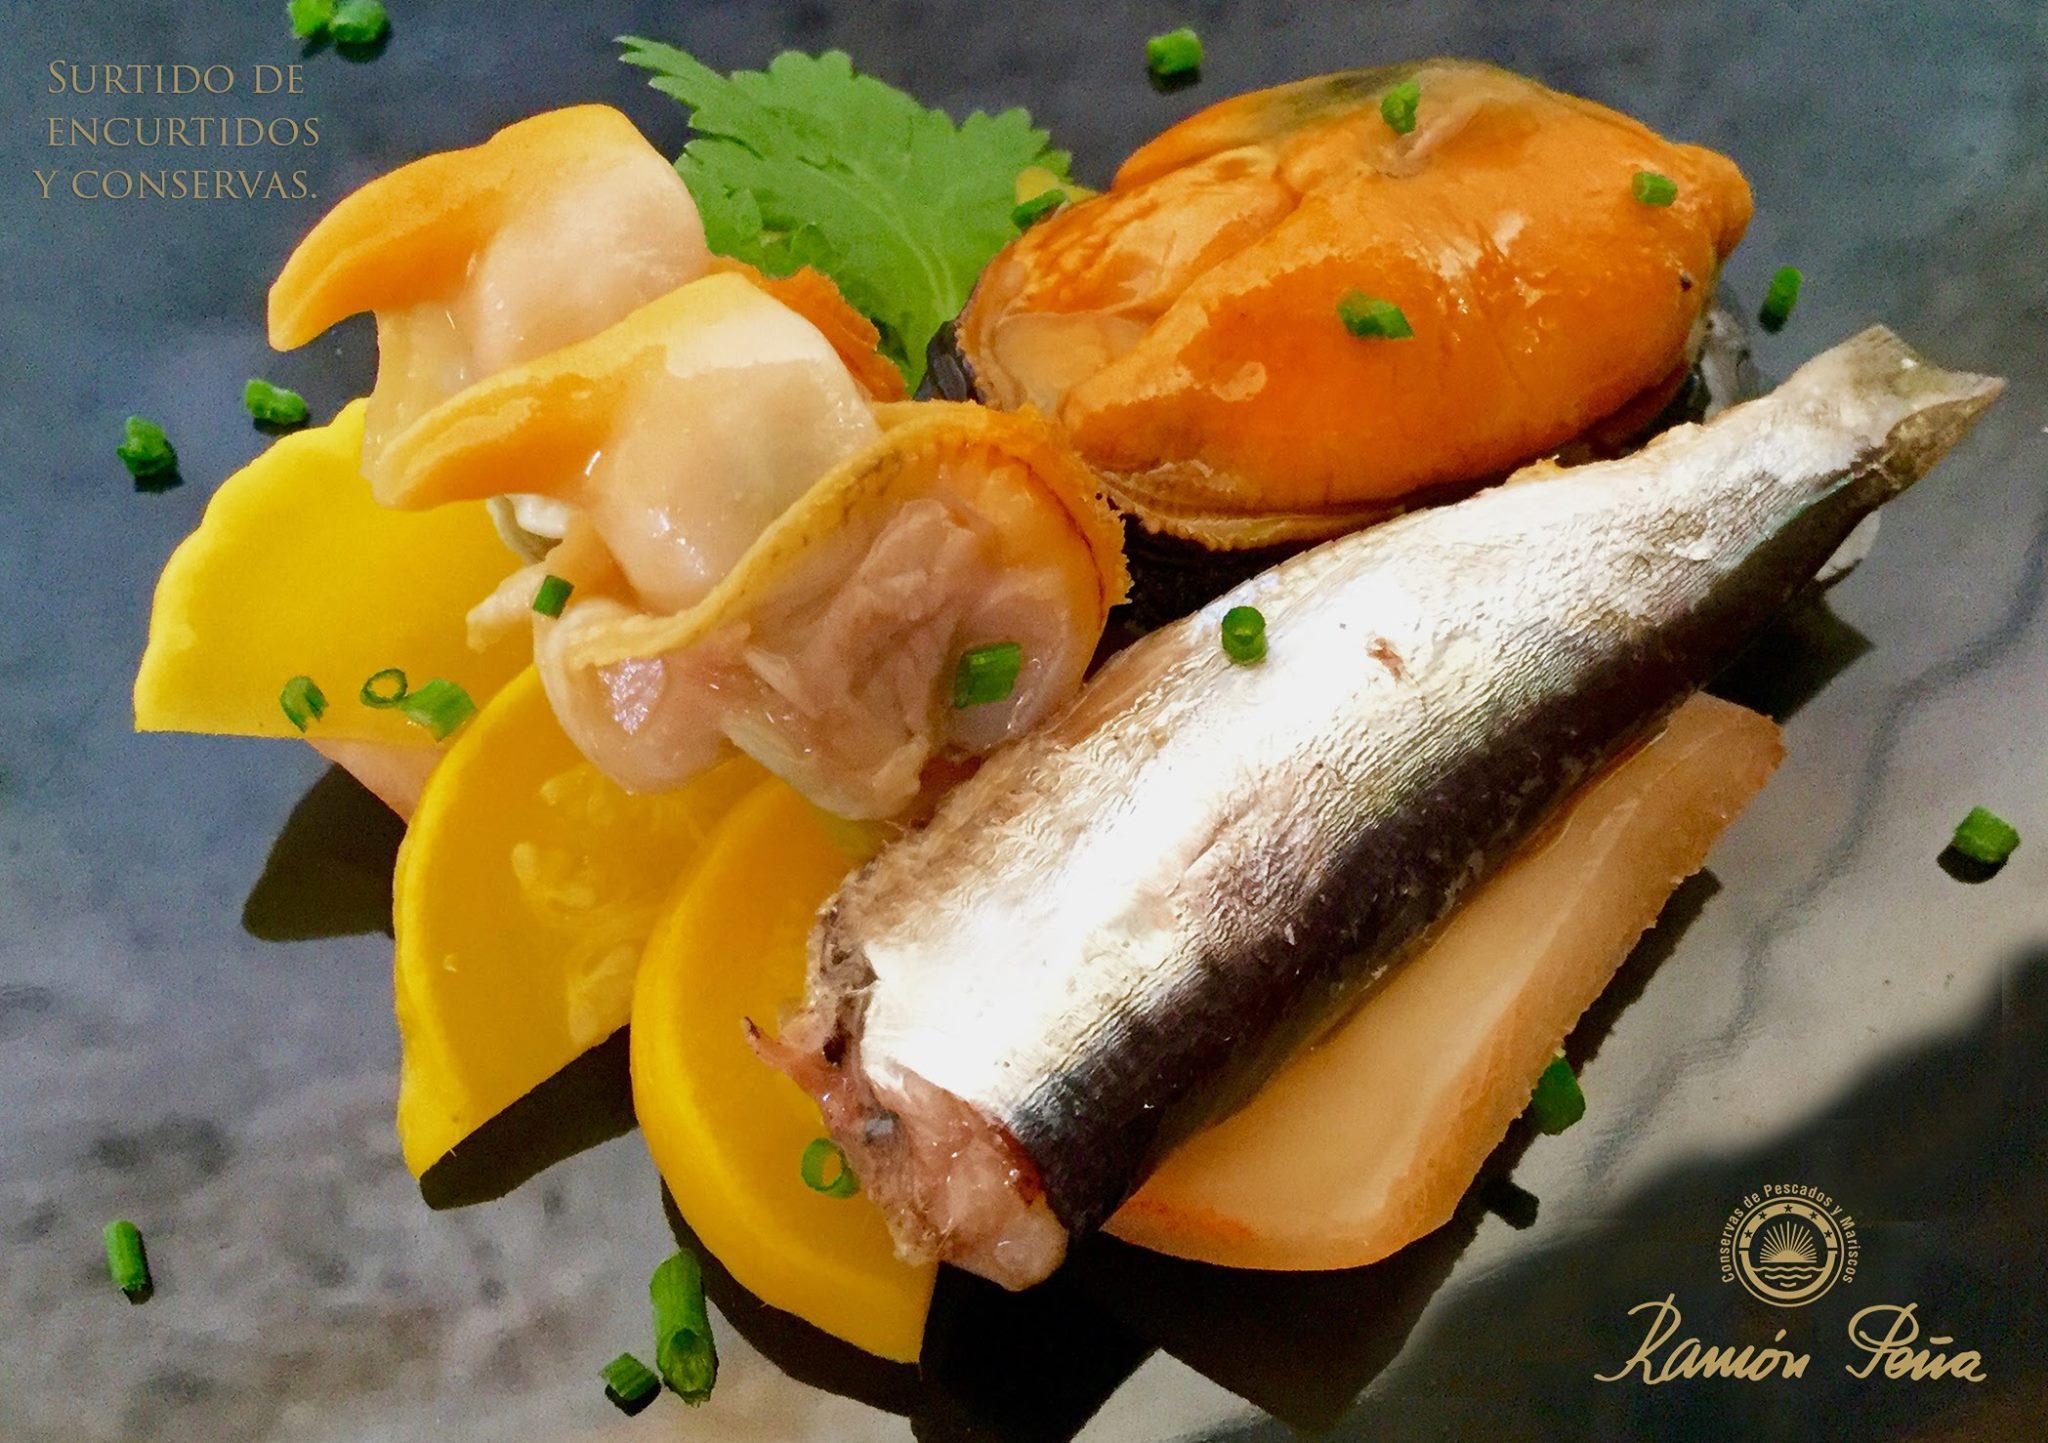 sardines peix conserva historia